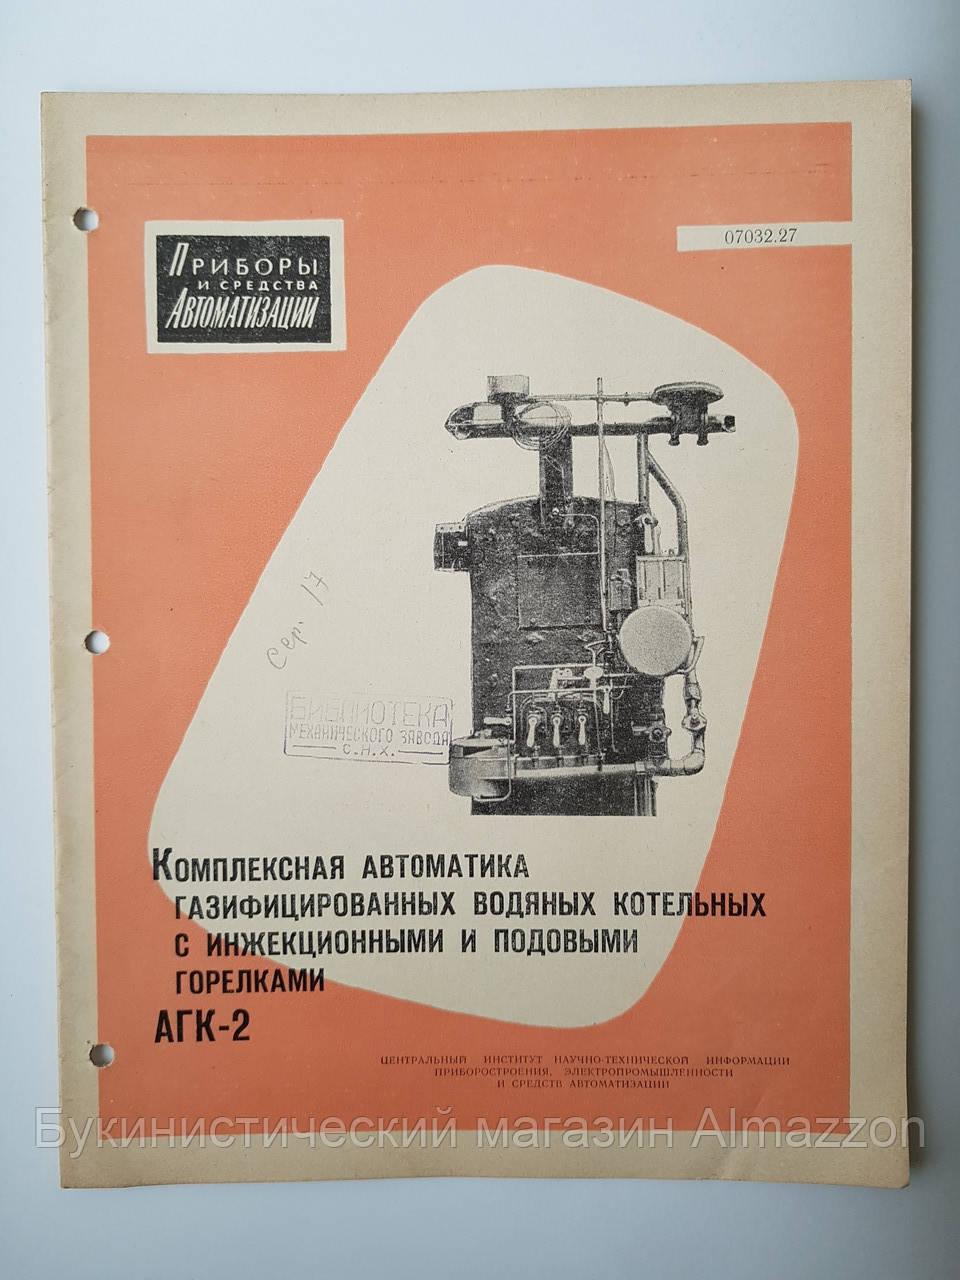 Журнал (Бюллетень) Комплексная автоматика газифицированных водяных котельных с горелками АГК-2 1962г.